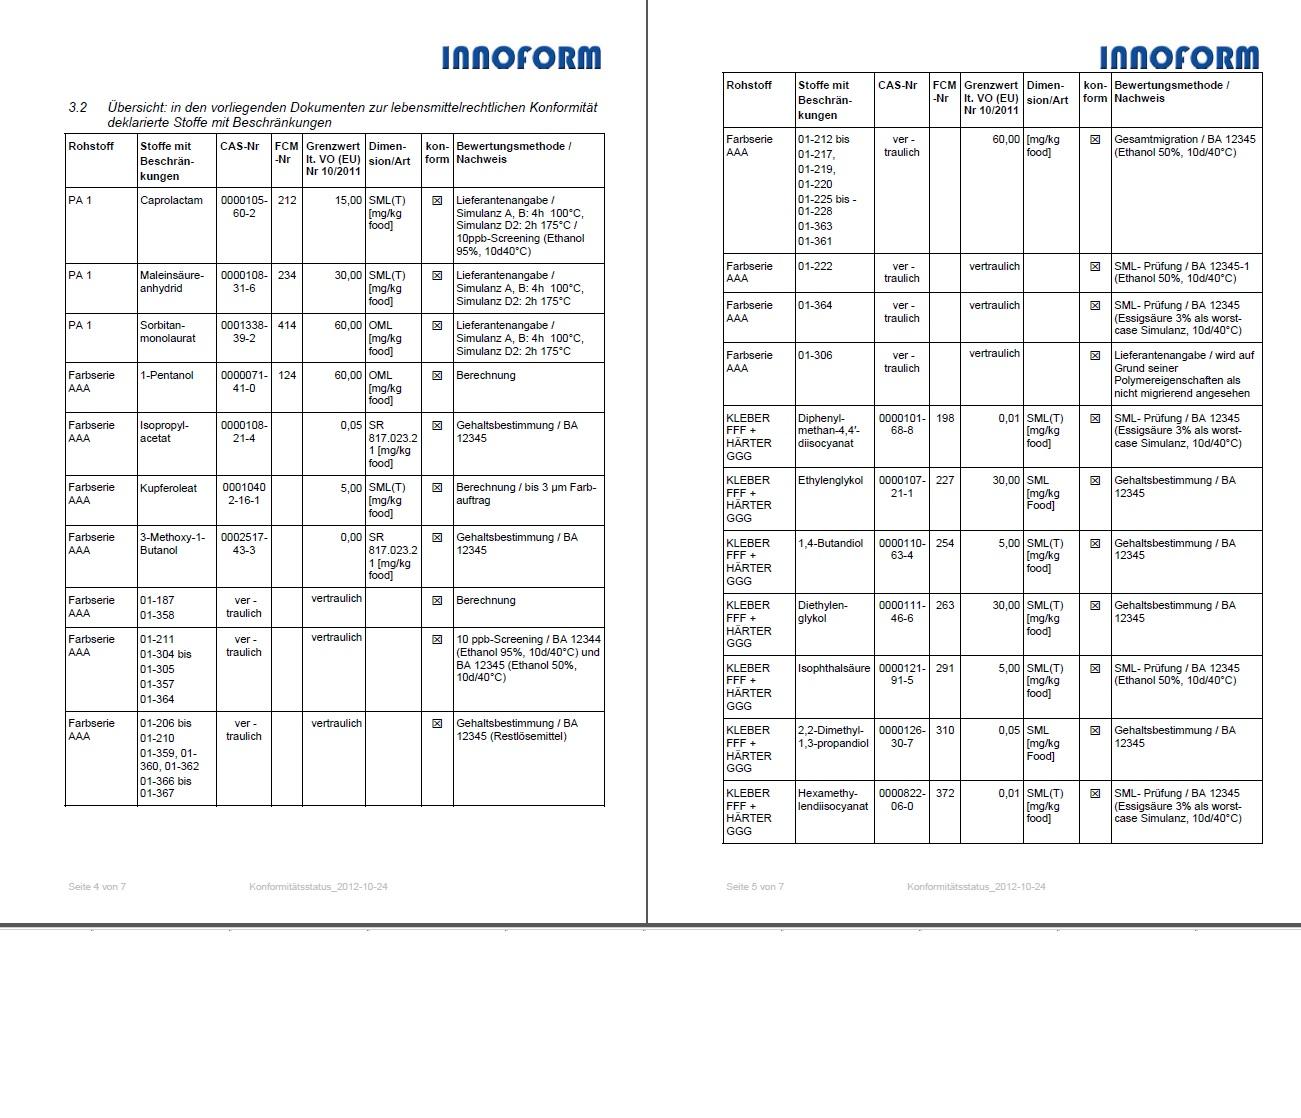 Rechtssichere Erstellung von Konformitätserklärungen für Materialien ...